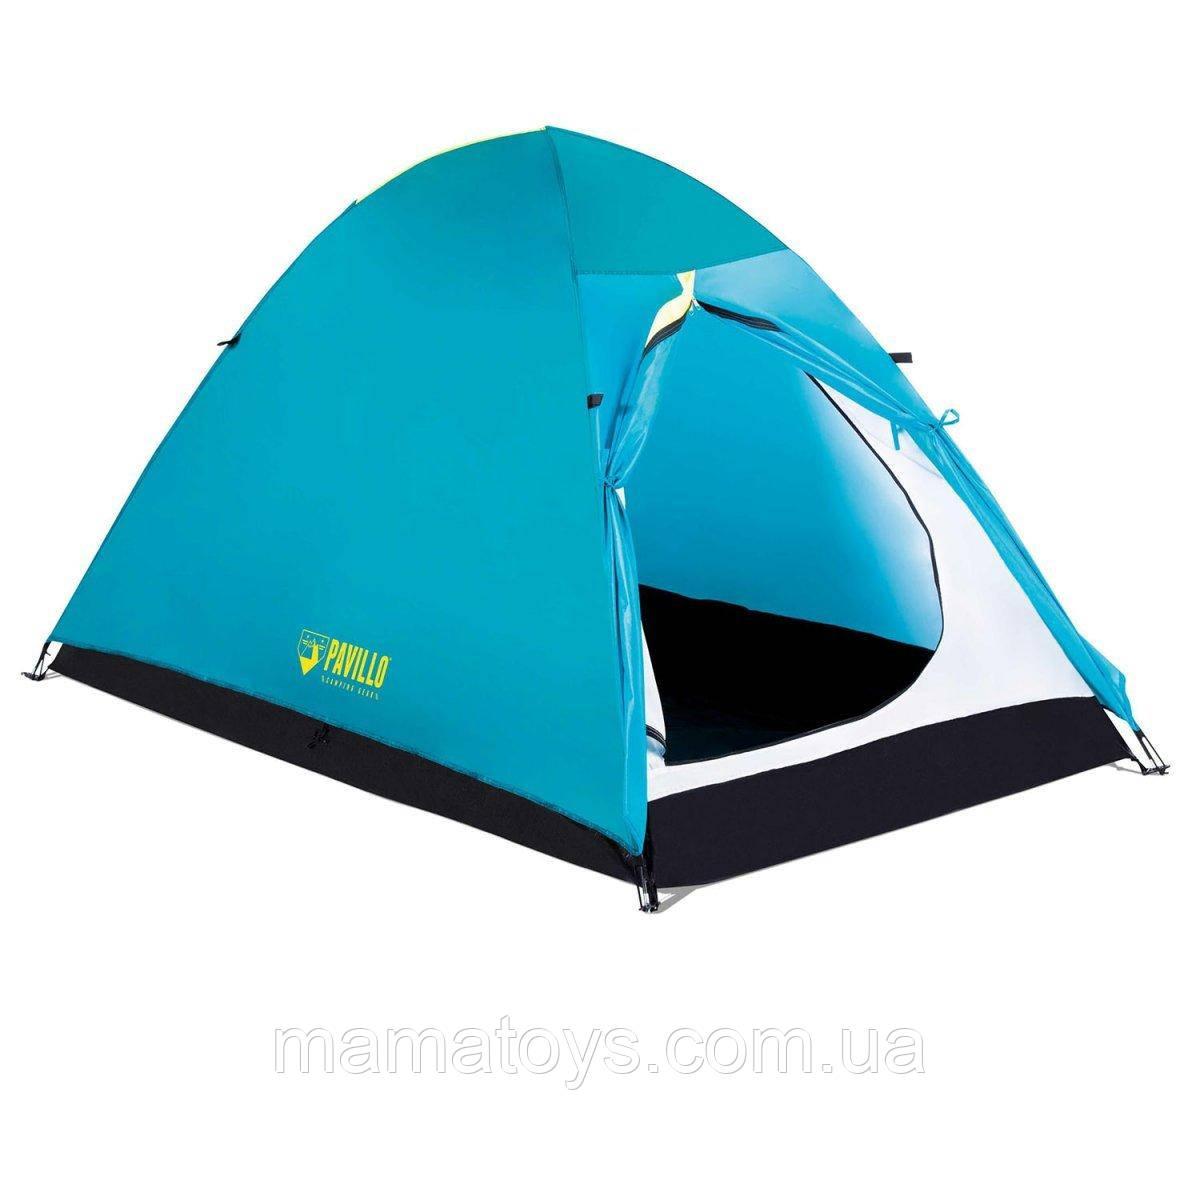 Палатка Туристическая Двухместная Pavillo BW 68089 Active Base 2 Размеры200 х 120 х 105 см Бествей BestWay